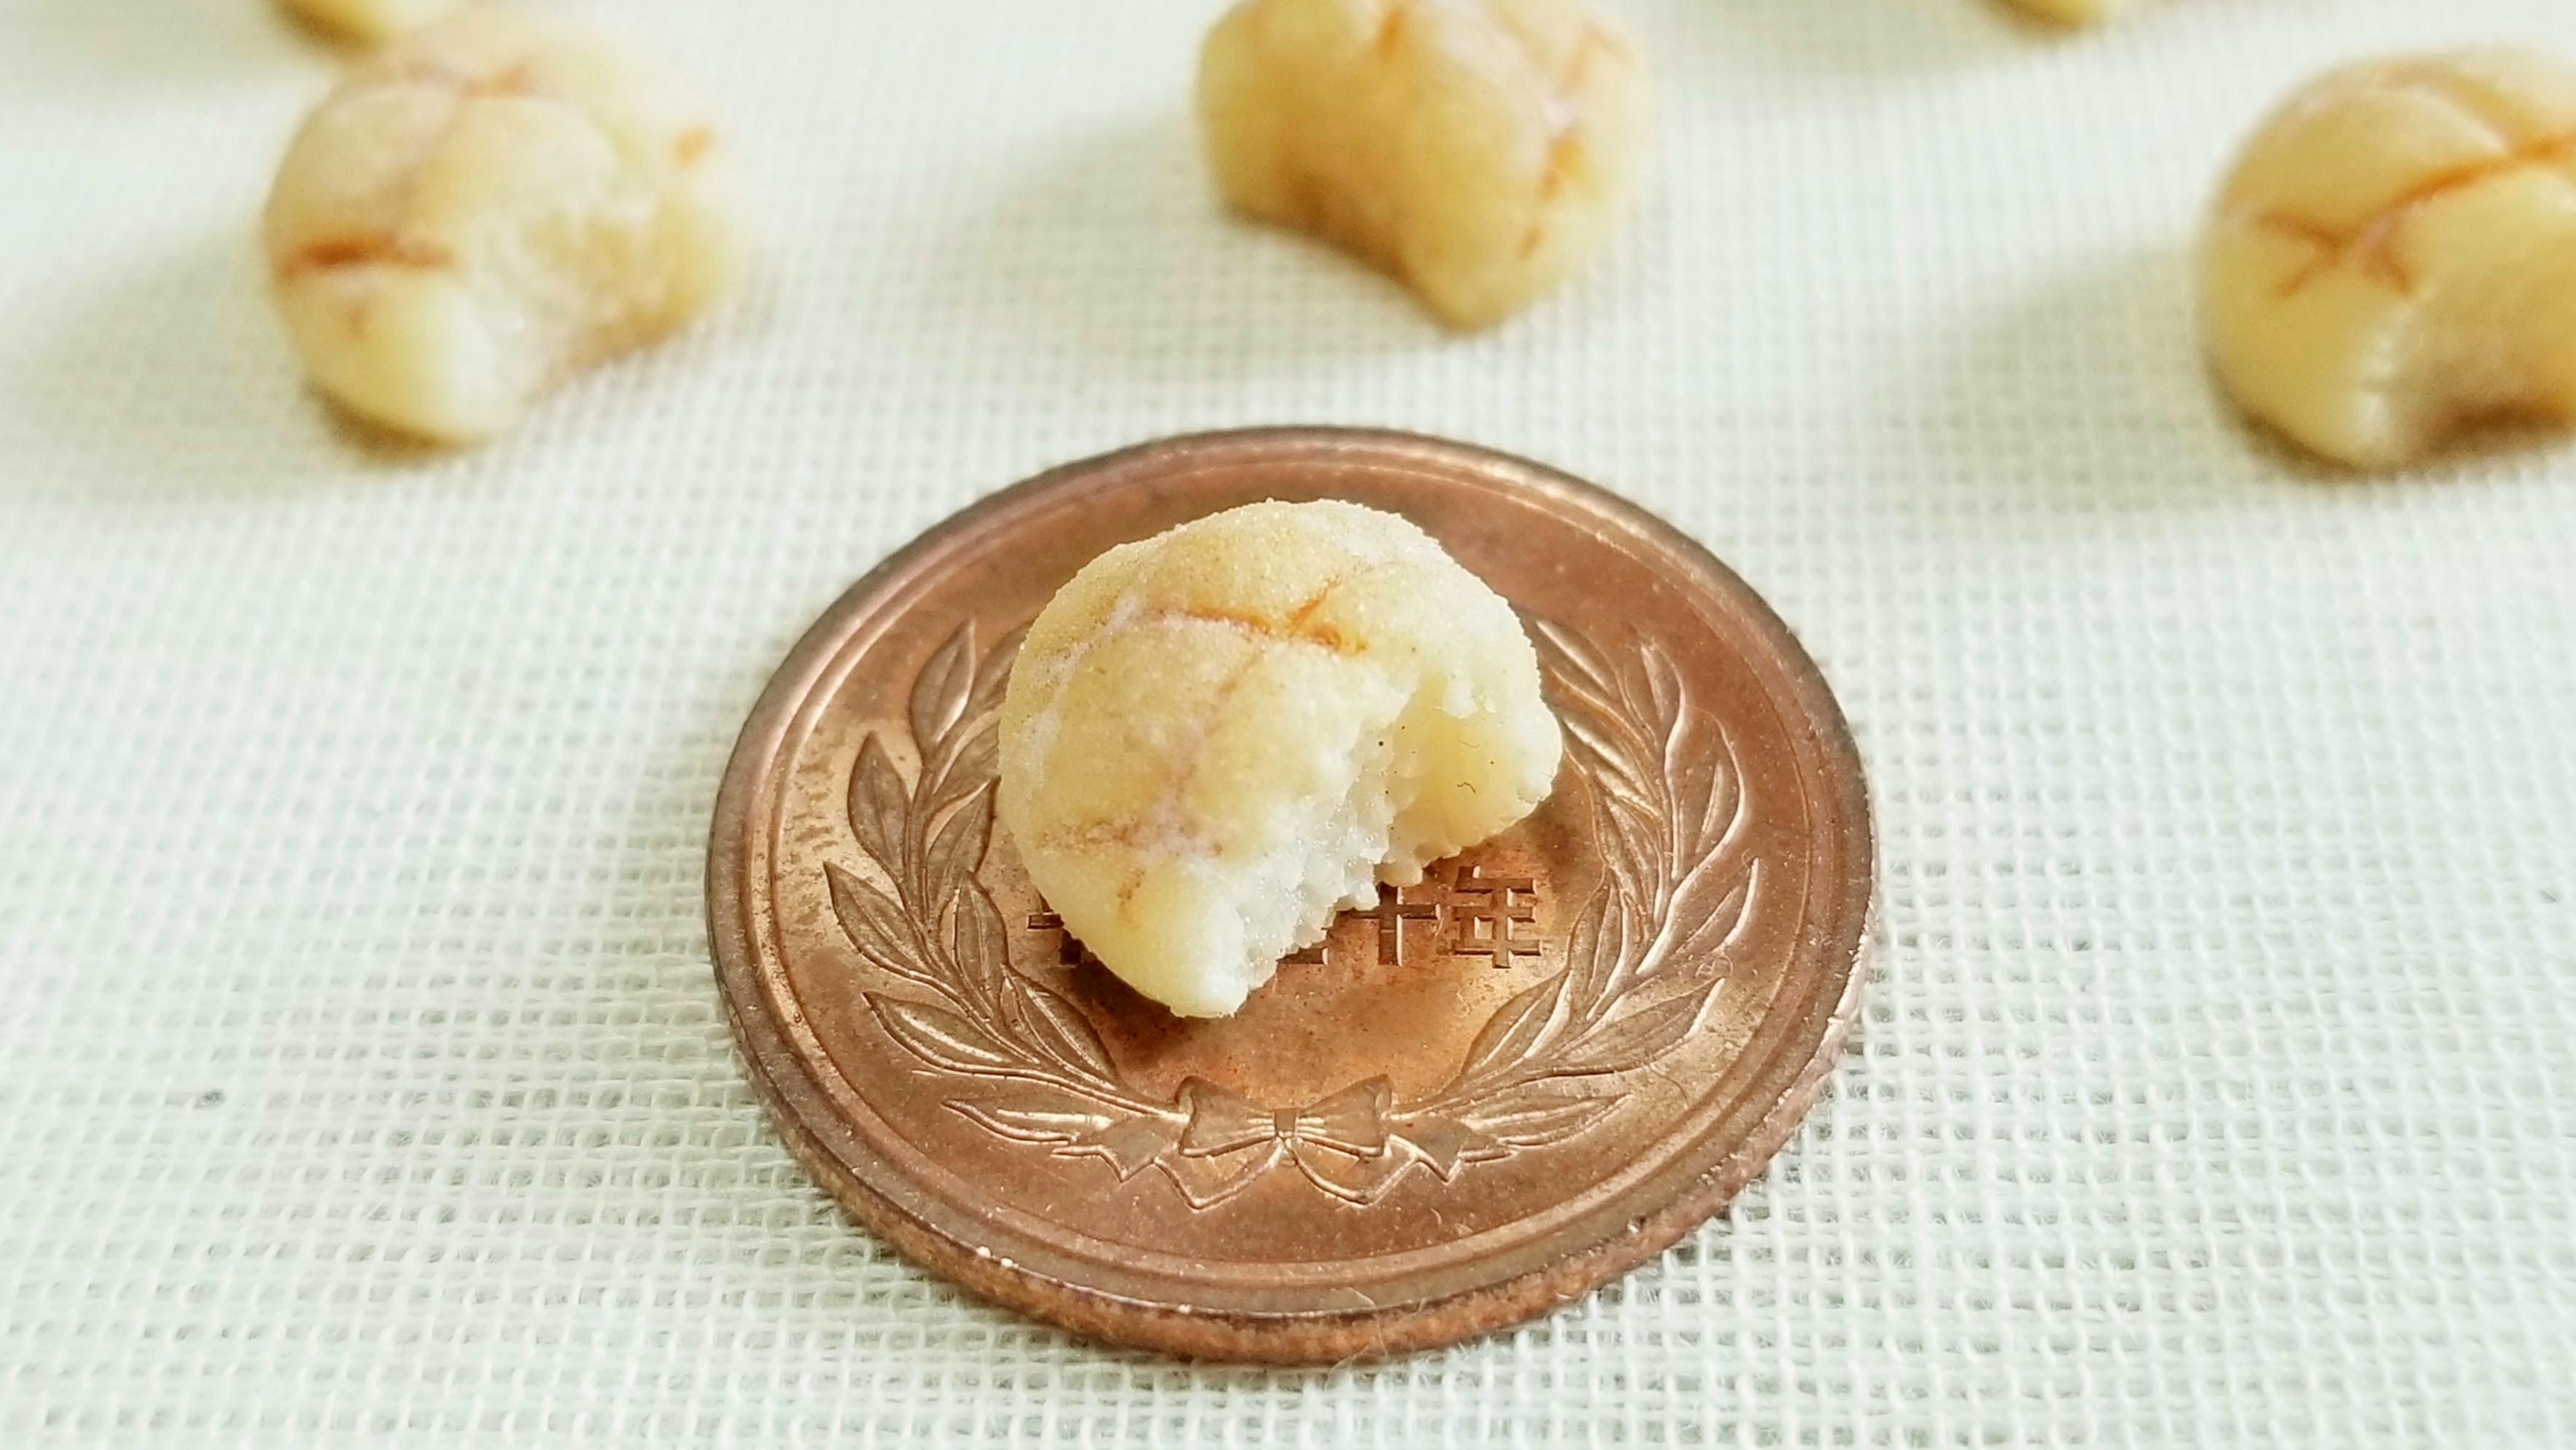 かわいいメロンパン小さい食べたくなる粉砂糖付き美味しそうな画像